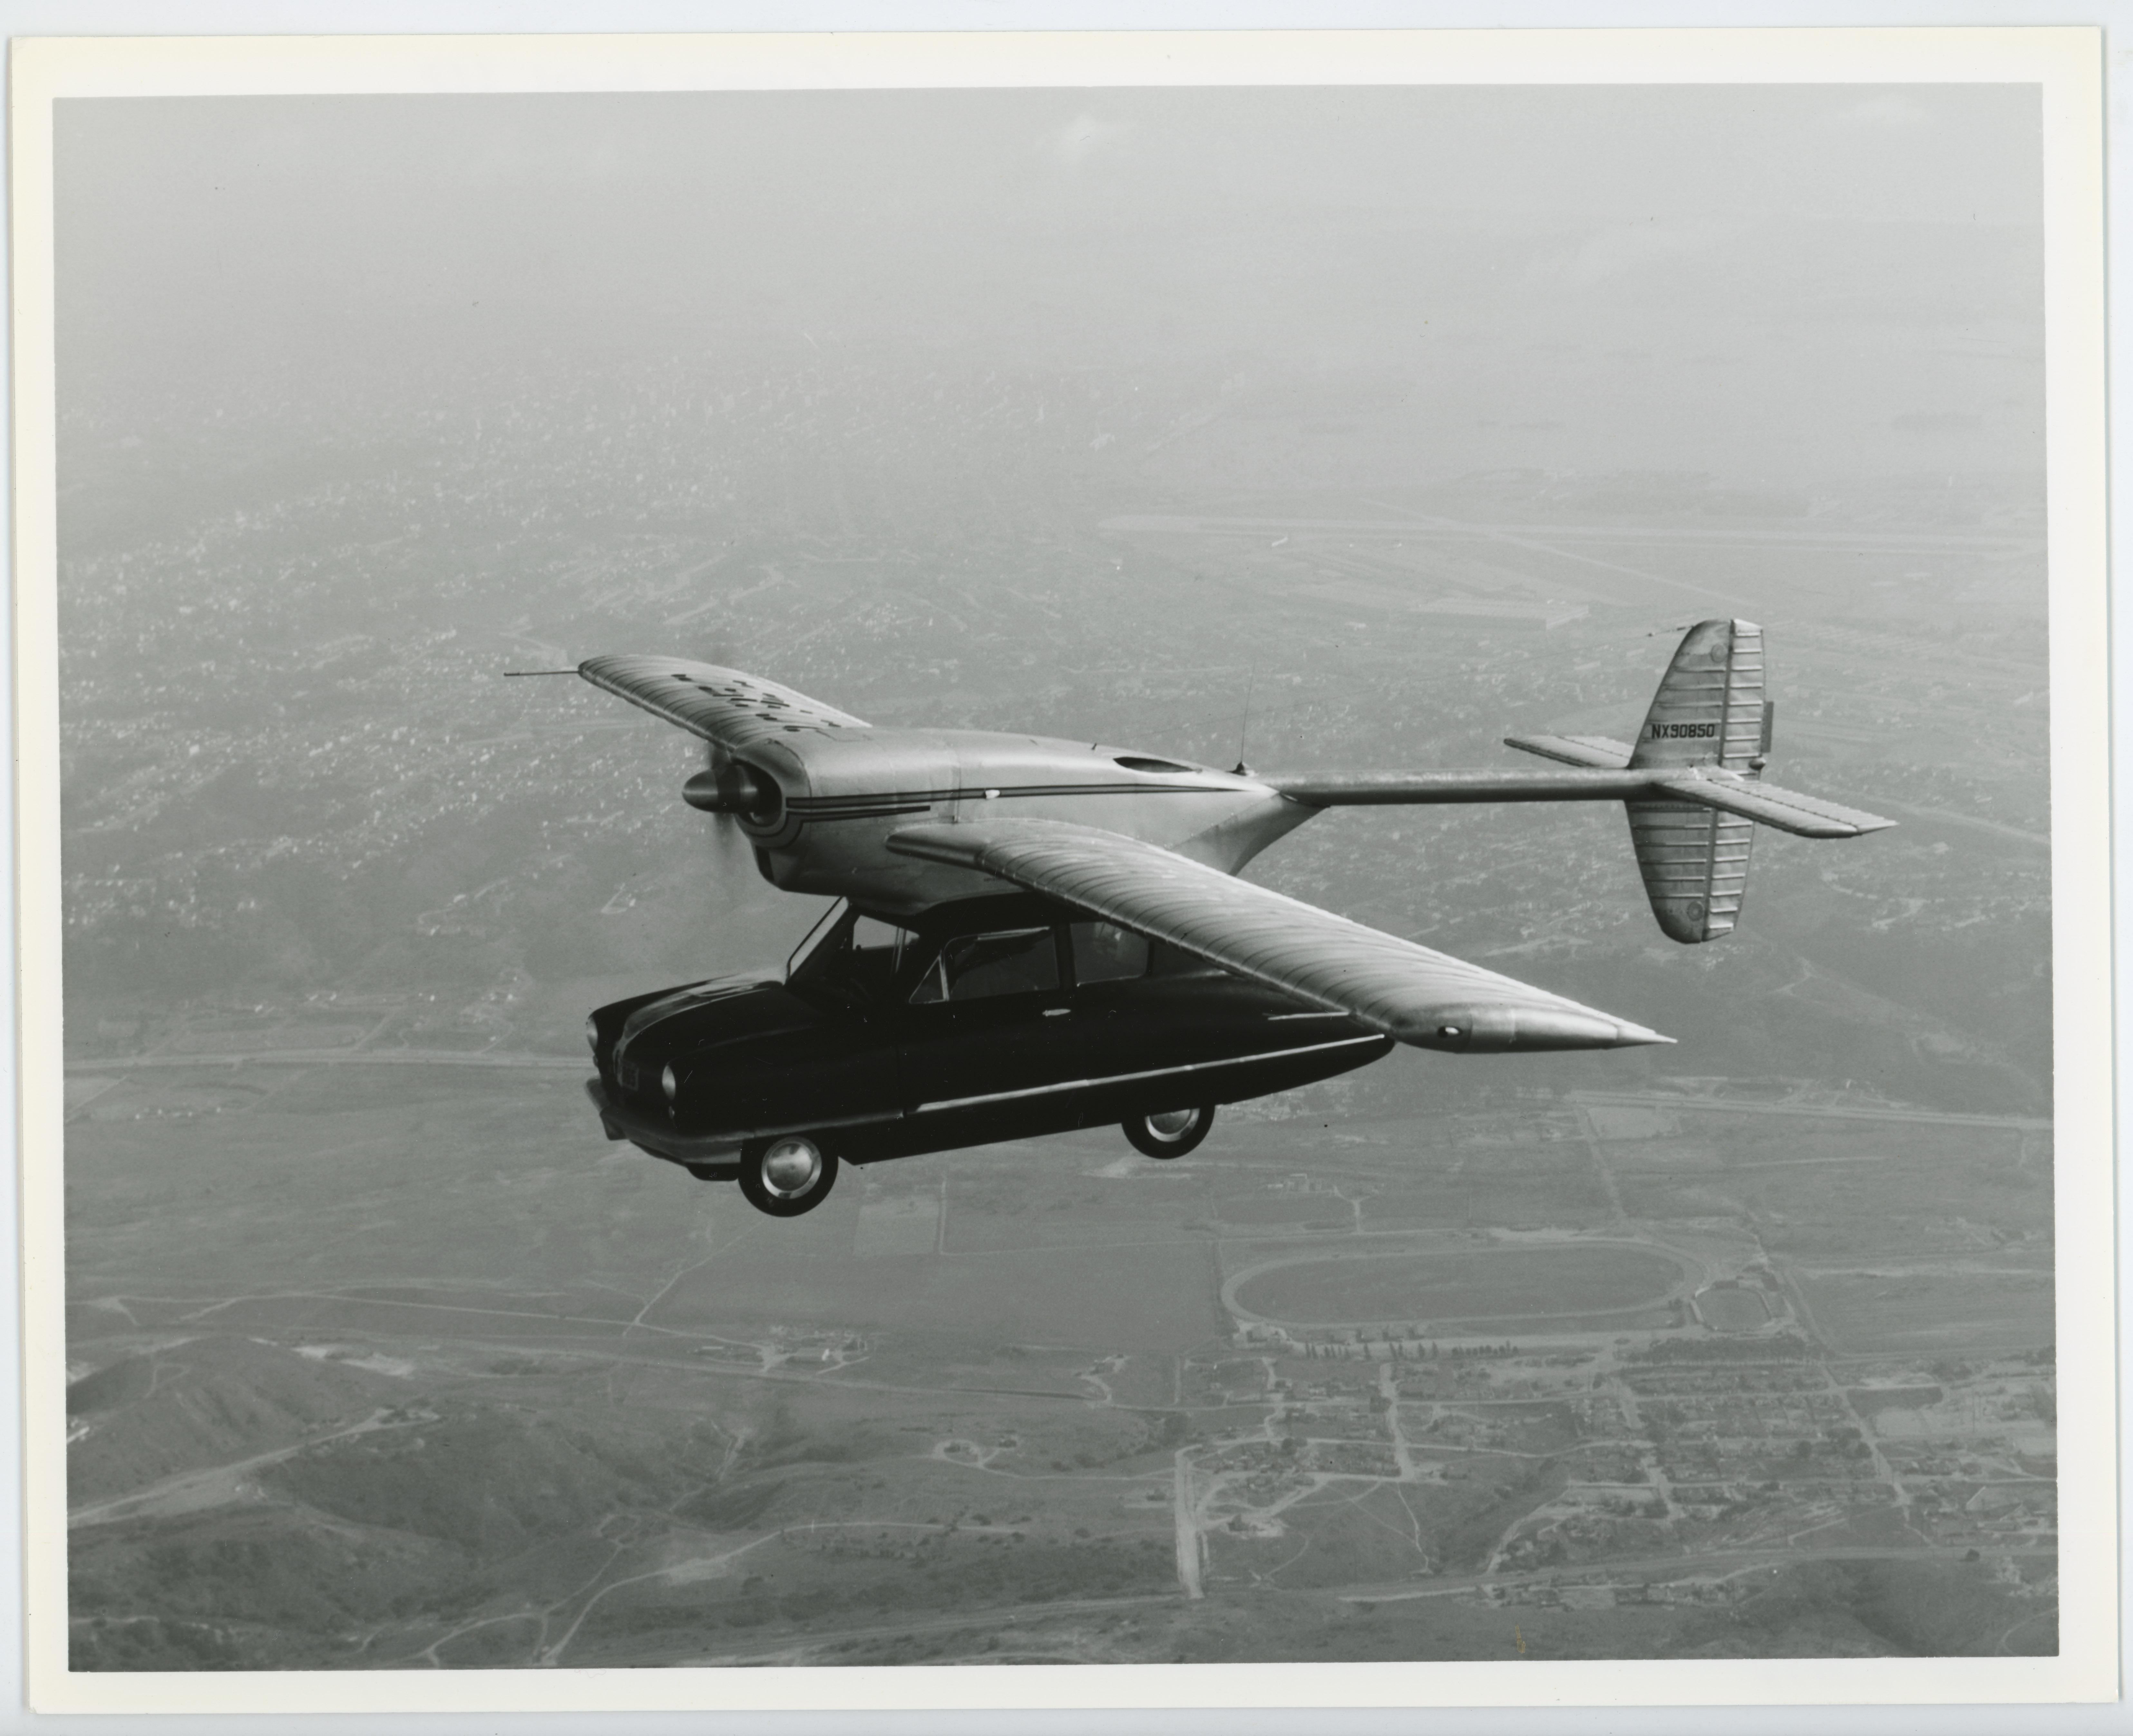 [Convair (Theodore P. Hall) 118 Convaircar]